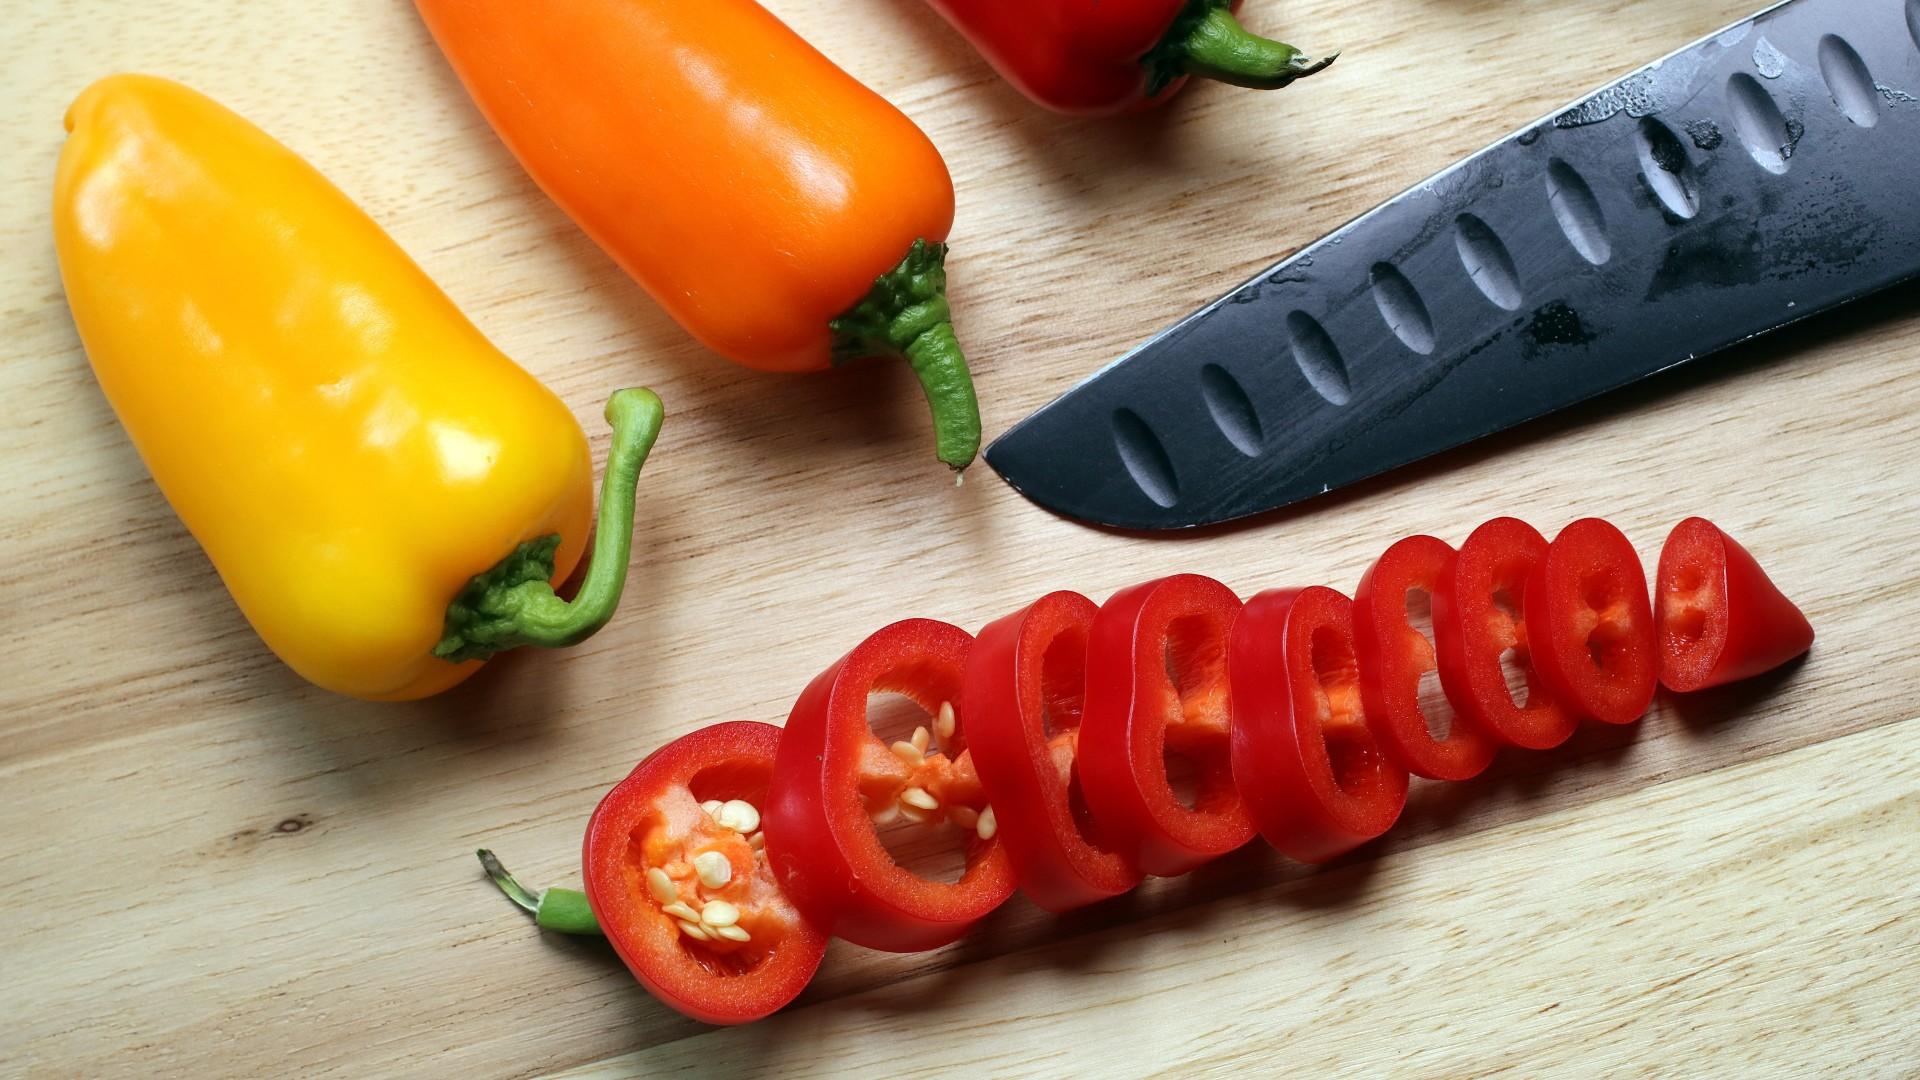 Couteaux de cuisine - Sélection d'équipements de qualité - Parlapapa